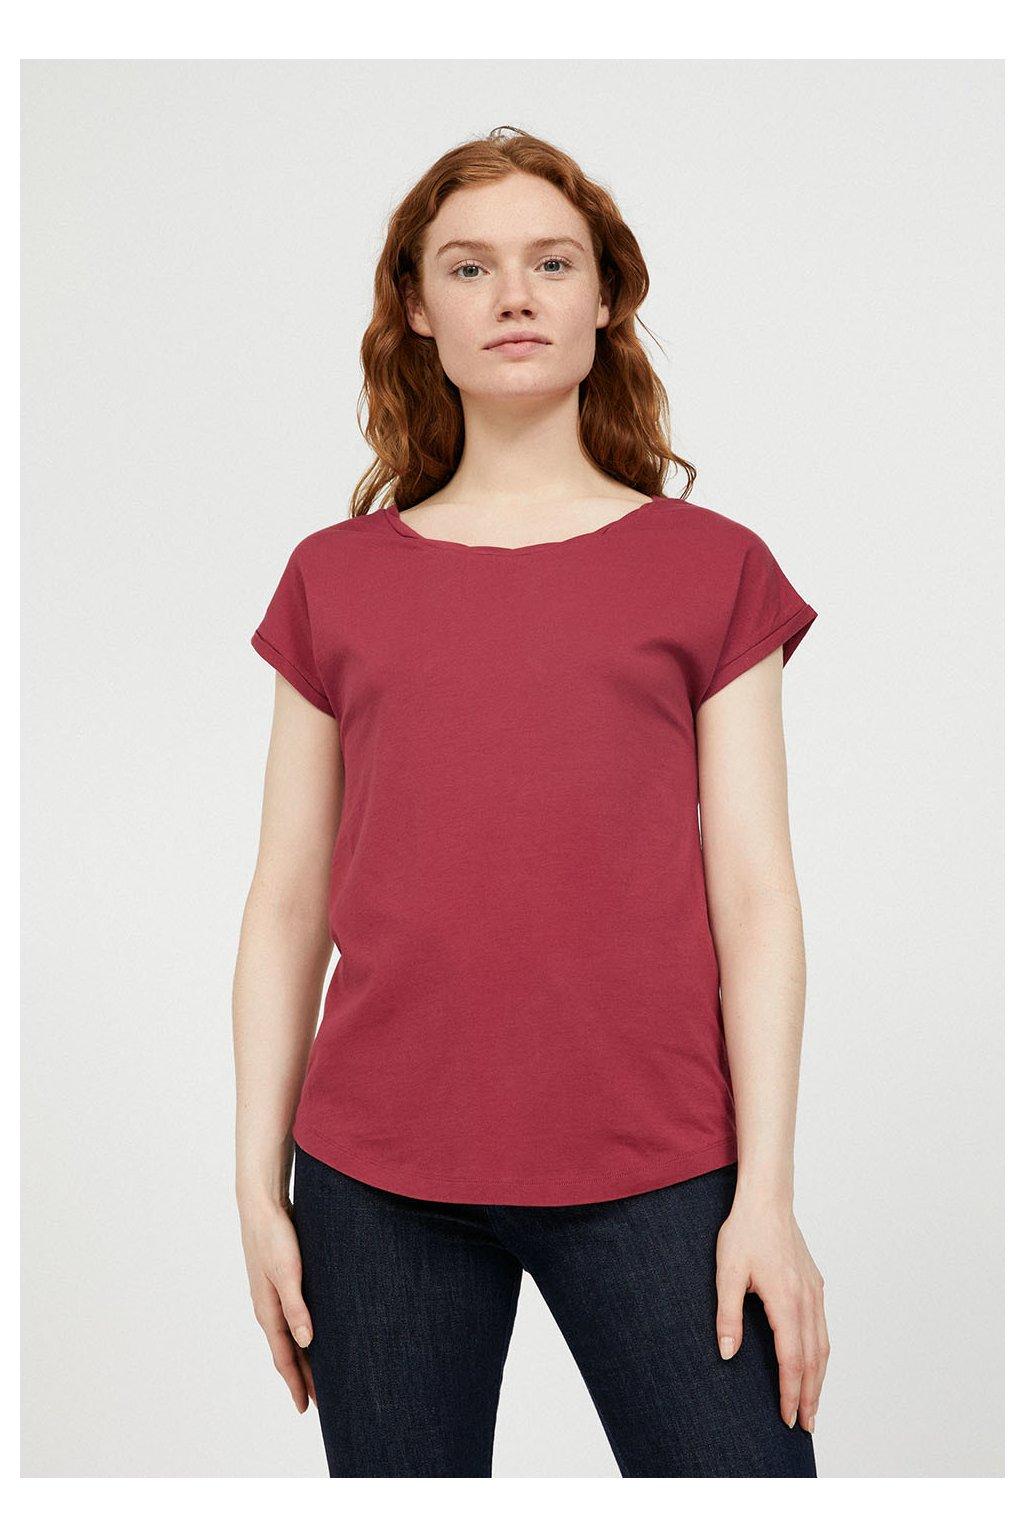 """Dámské růžové tričko """"LAALE rosewood"""" (Velikost L)"""